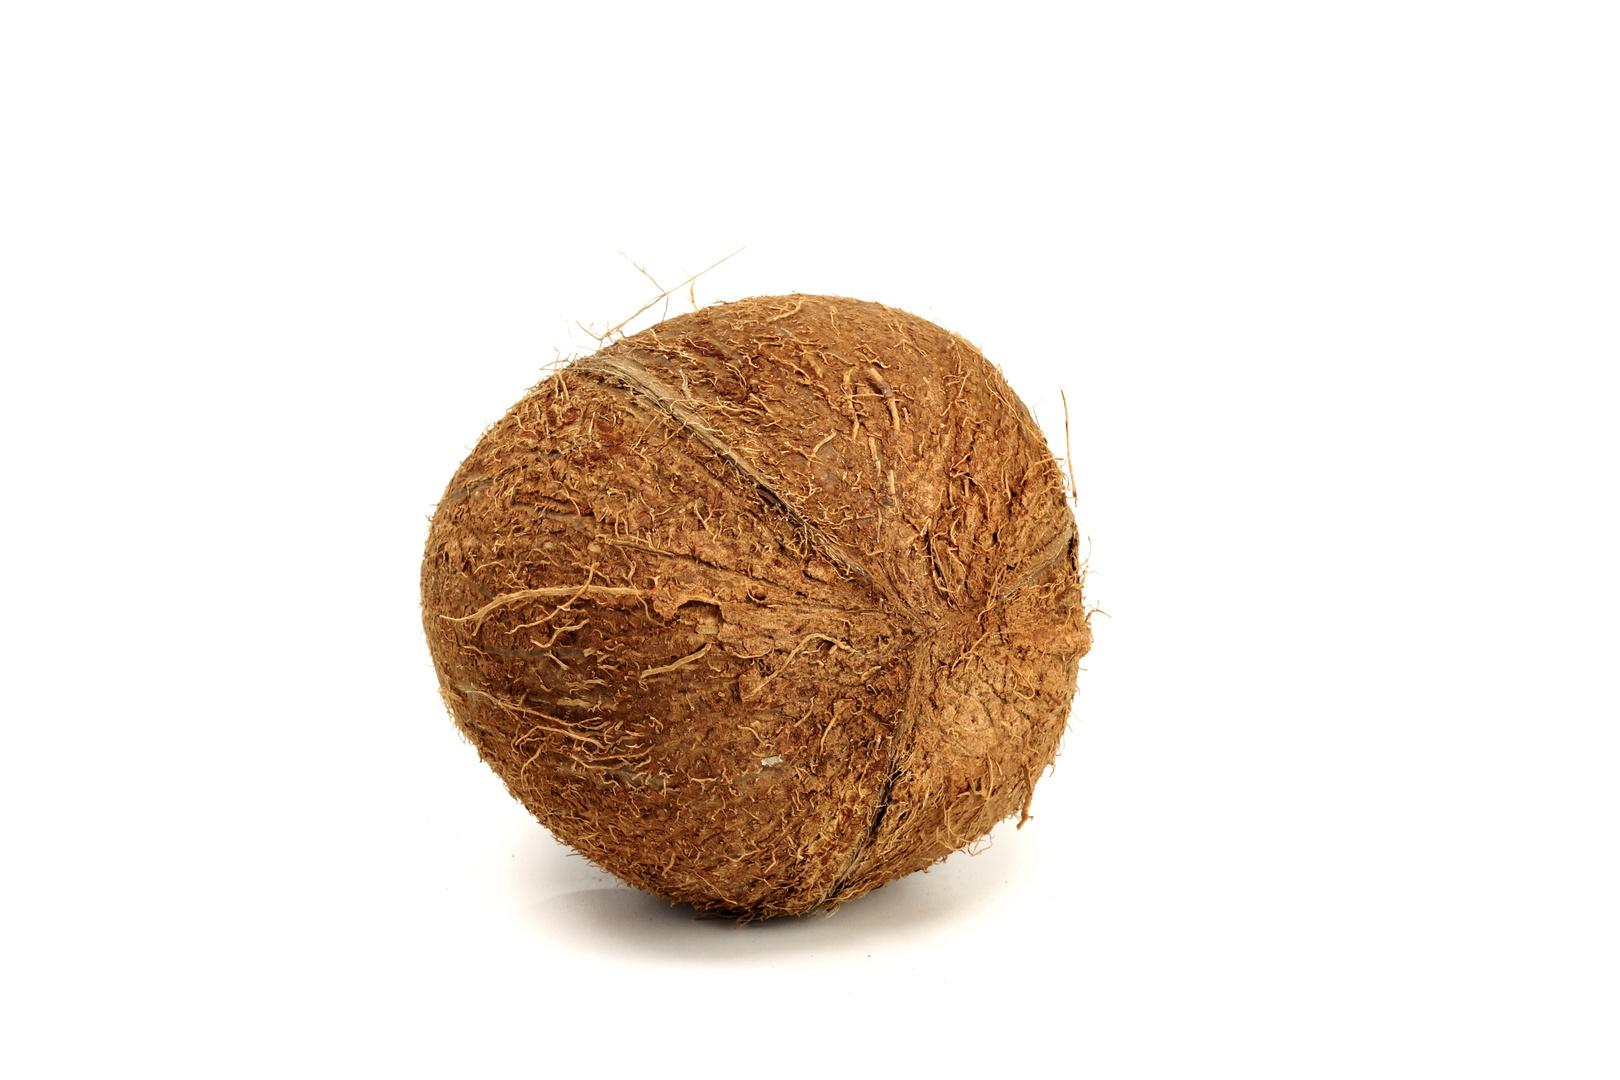 Kokosnuß e